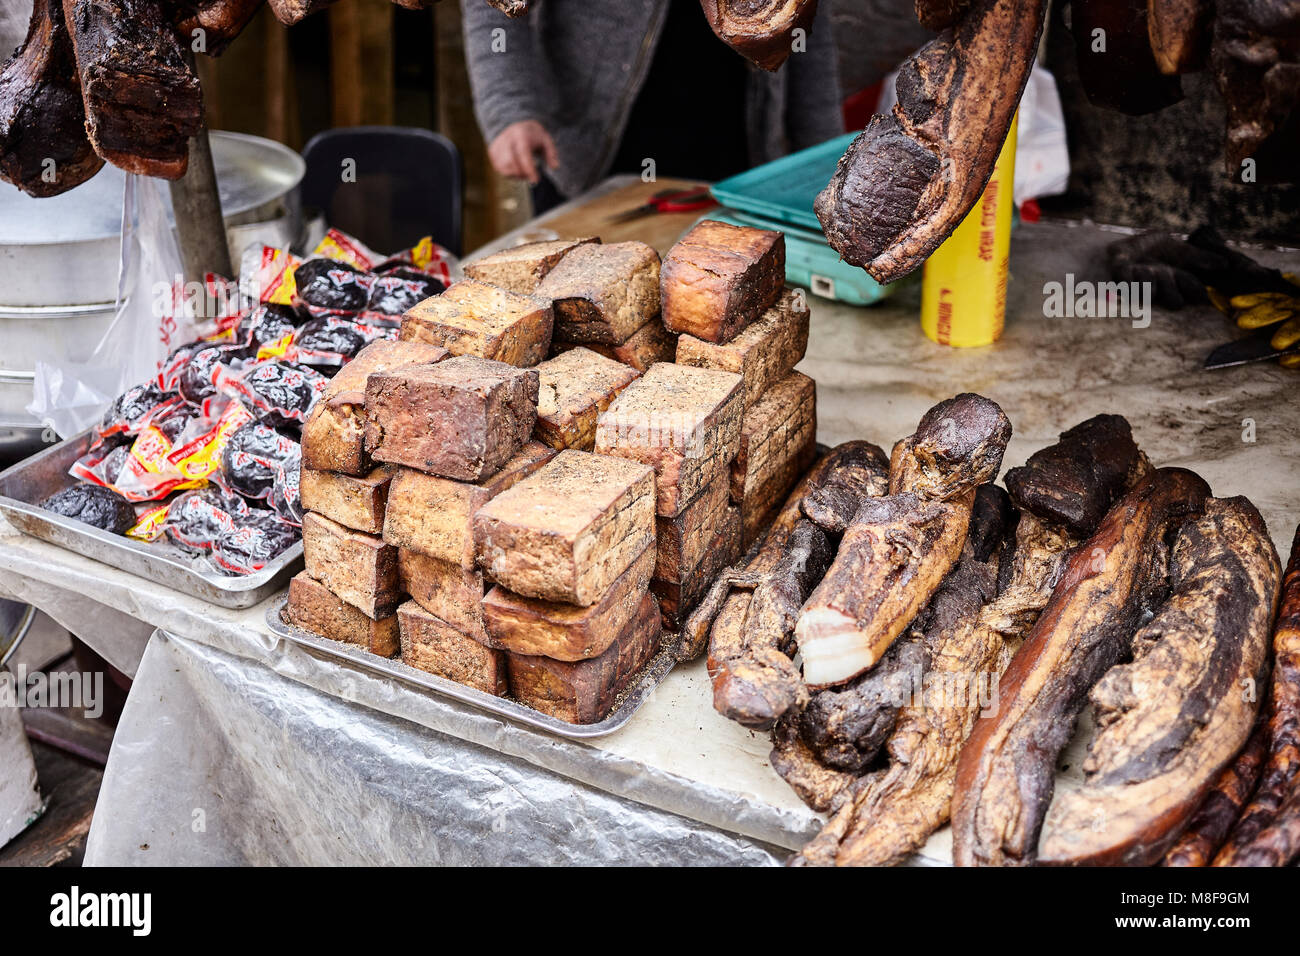 Smoked Tofu and Bacon - Stock Image